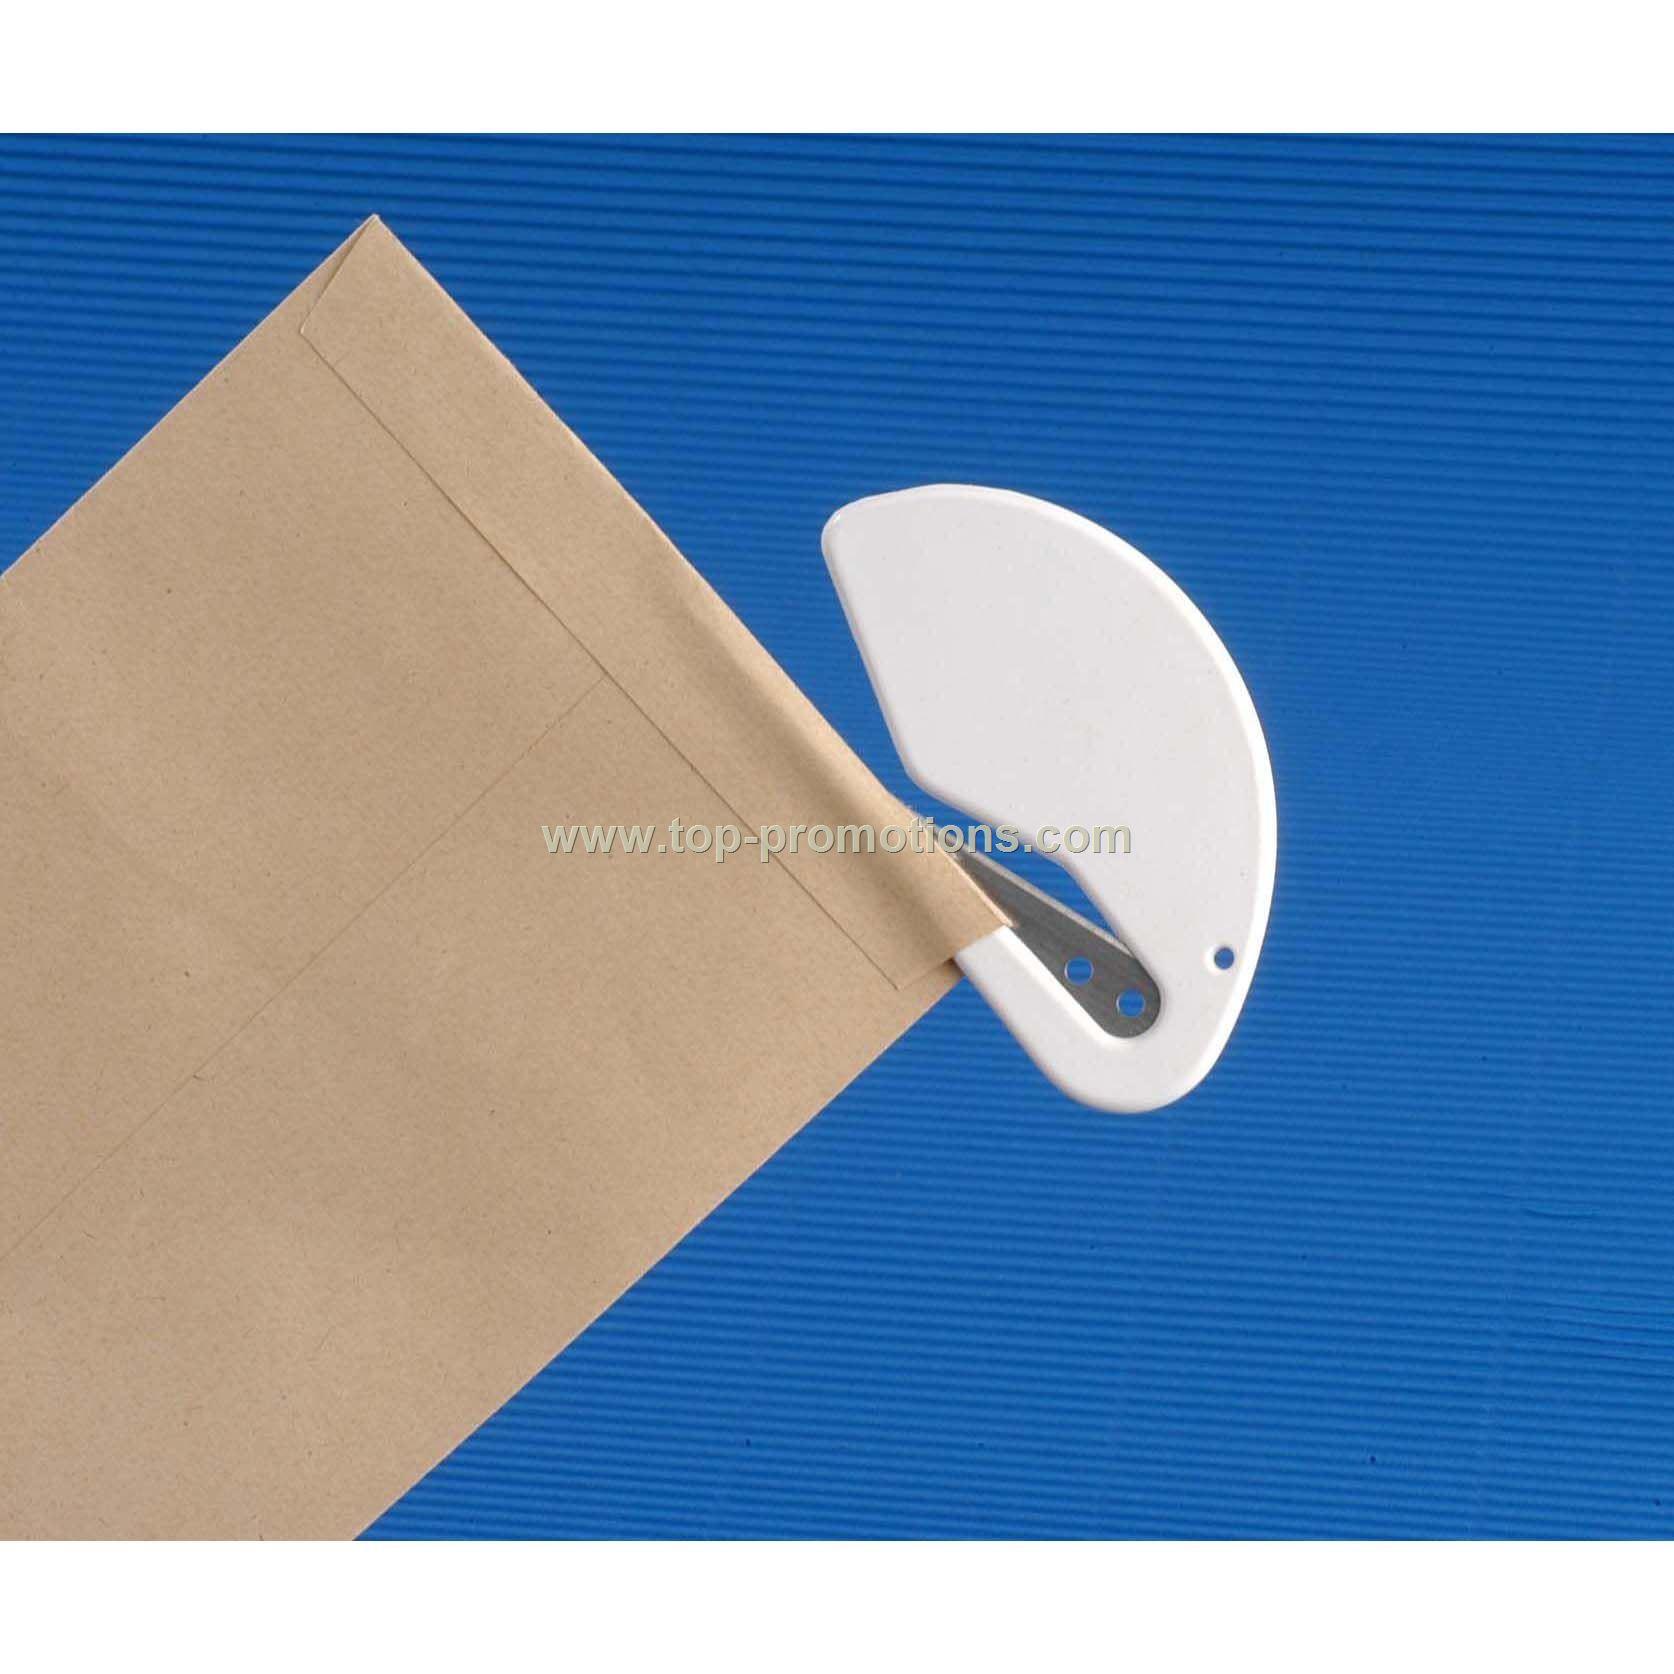 Popular Letter opener